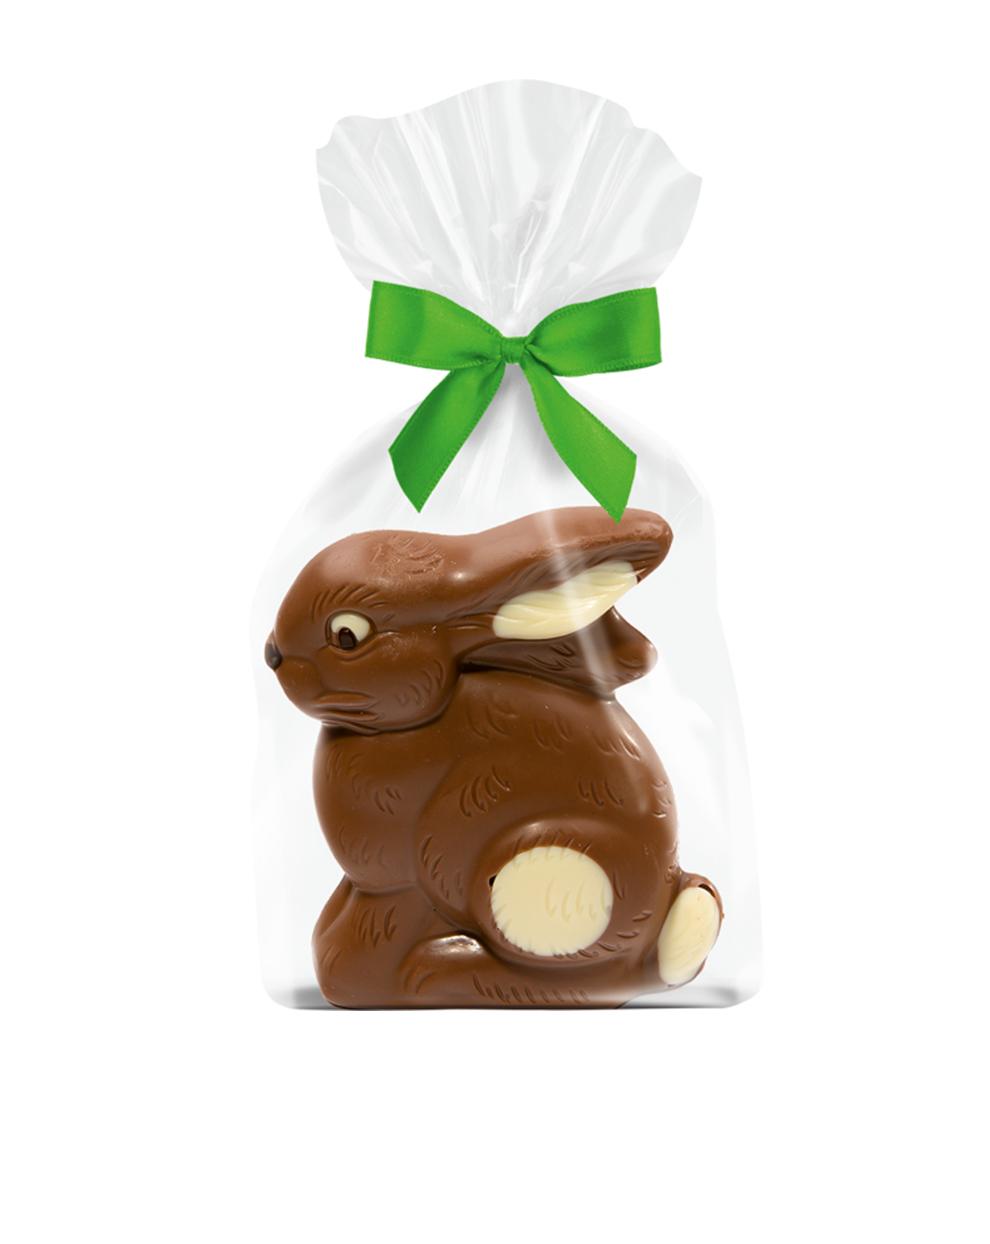 Schokoladen-Sitzhase VM von arko